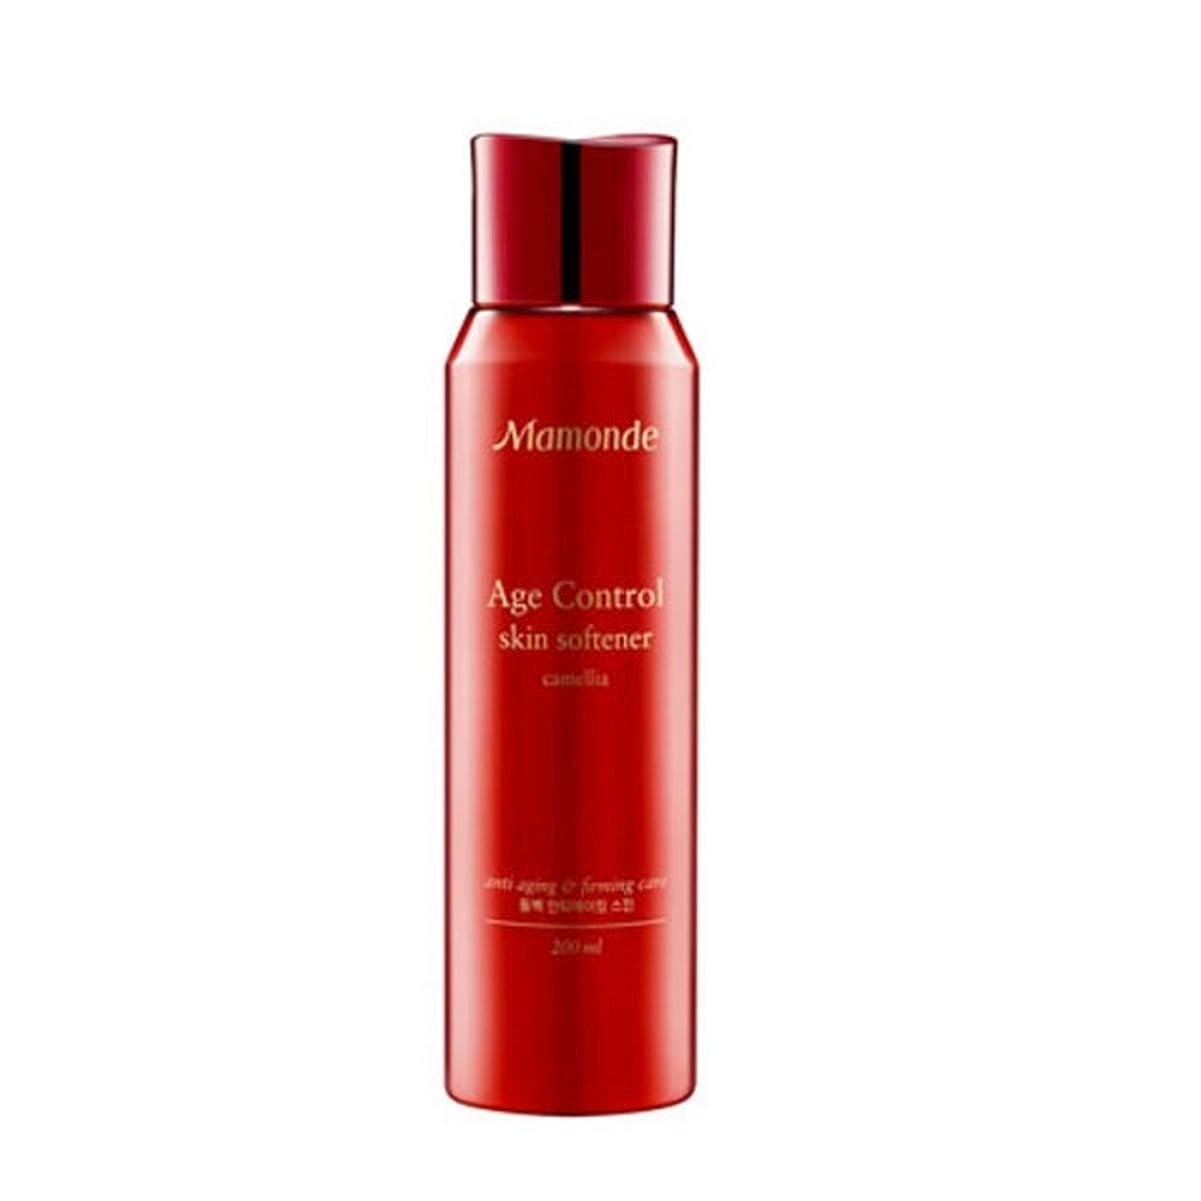 軍団バイオレット通り抜ける(マモンド) MAMONDE エイジコントロール スキン Age Control Skin Softener (韓国直発送) oopspanda